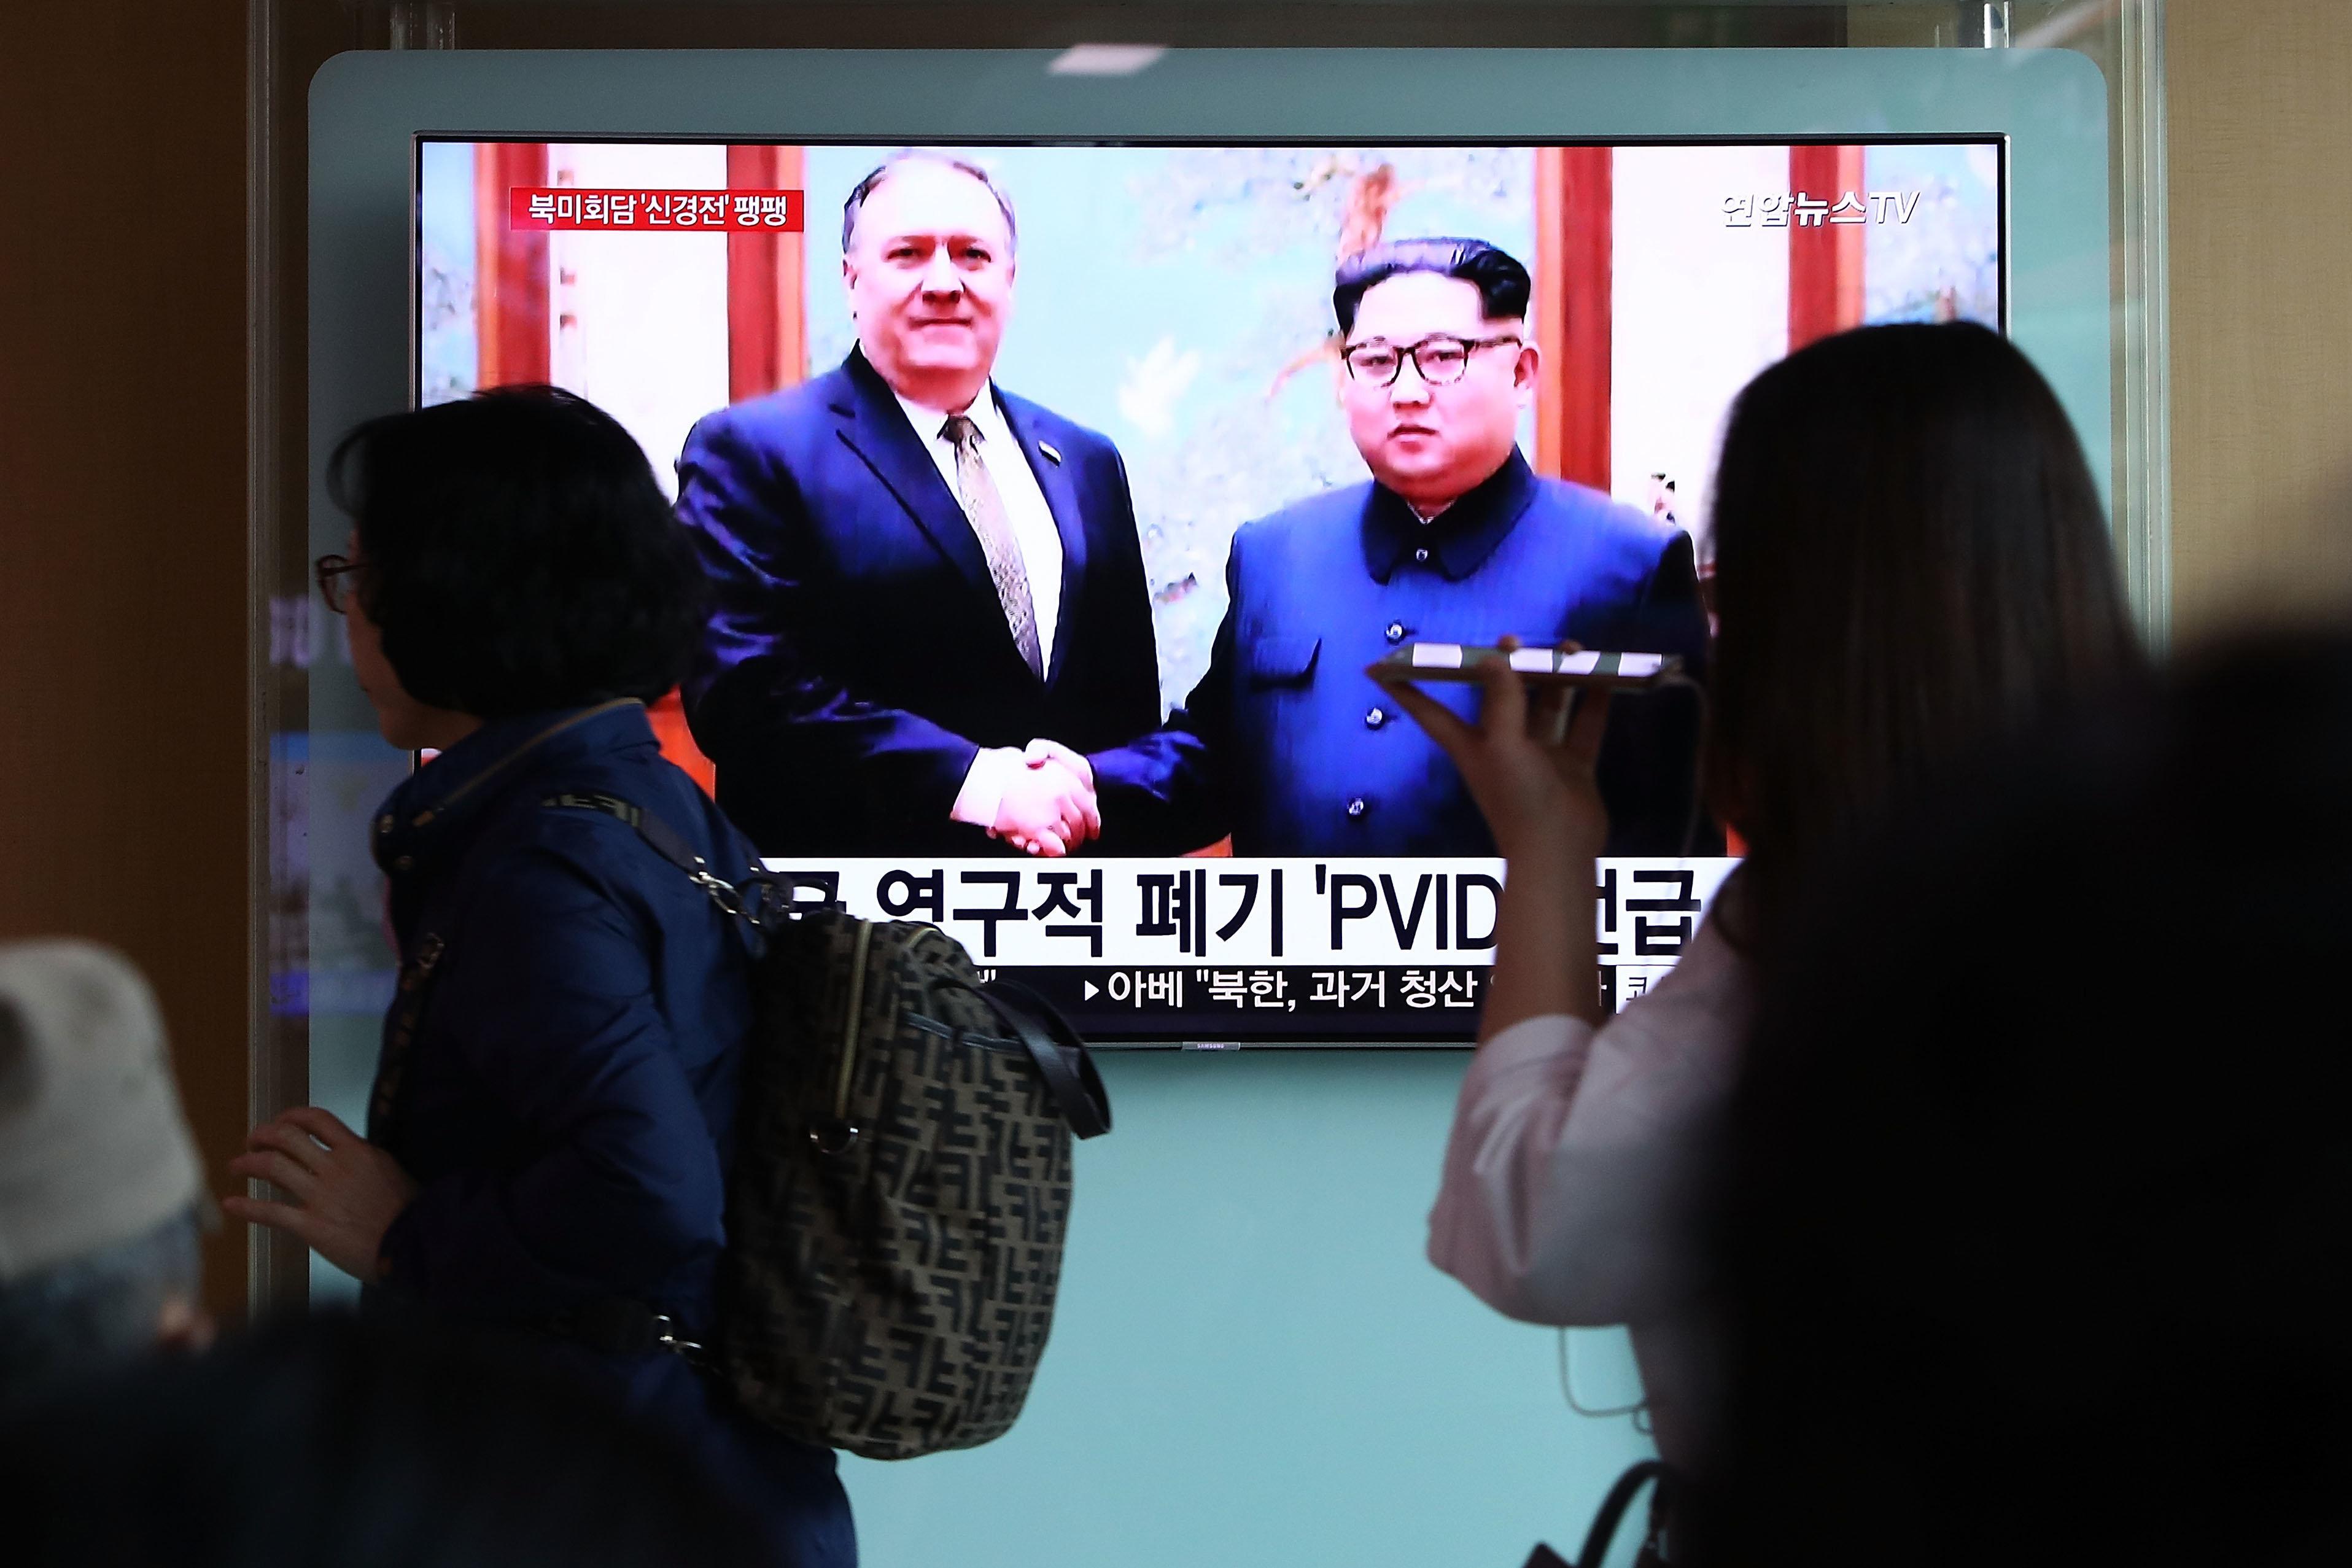 Στην Βόρεια Κορέα ο Πομπέο προετοιμάζει τη συνάντηση Τραμπ-Κιμ Γιονγκ Ουν και θα επιστρέψει με τρεις αμερικανούς